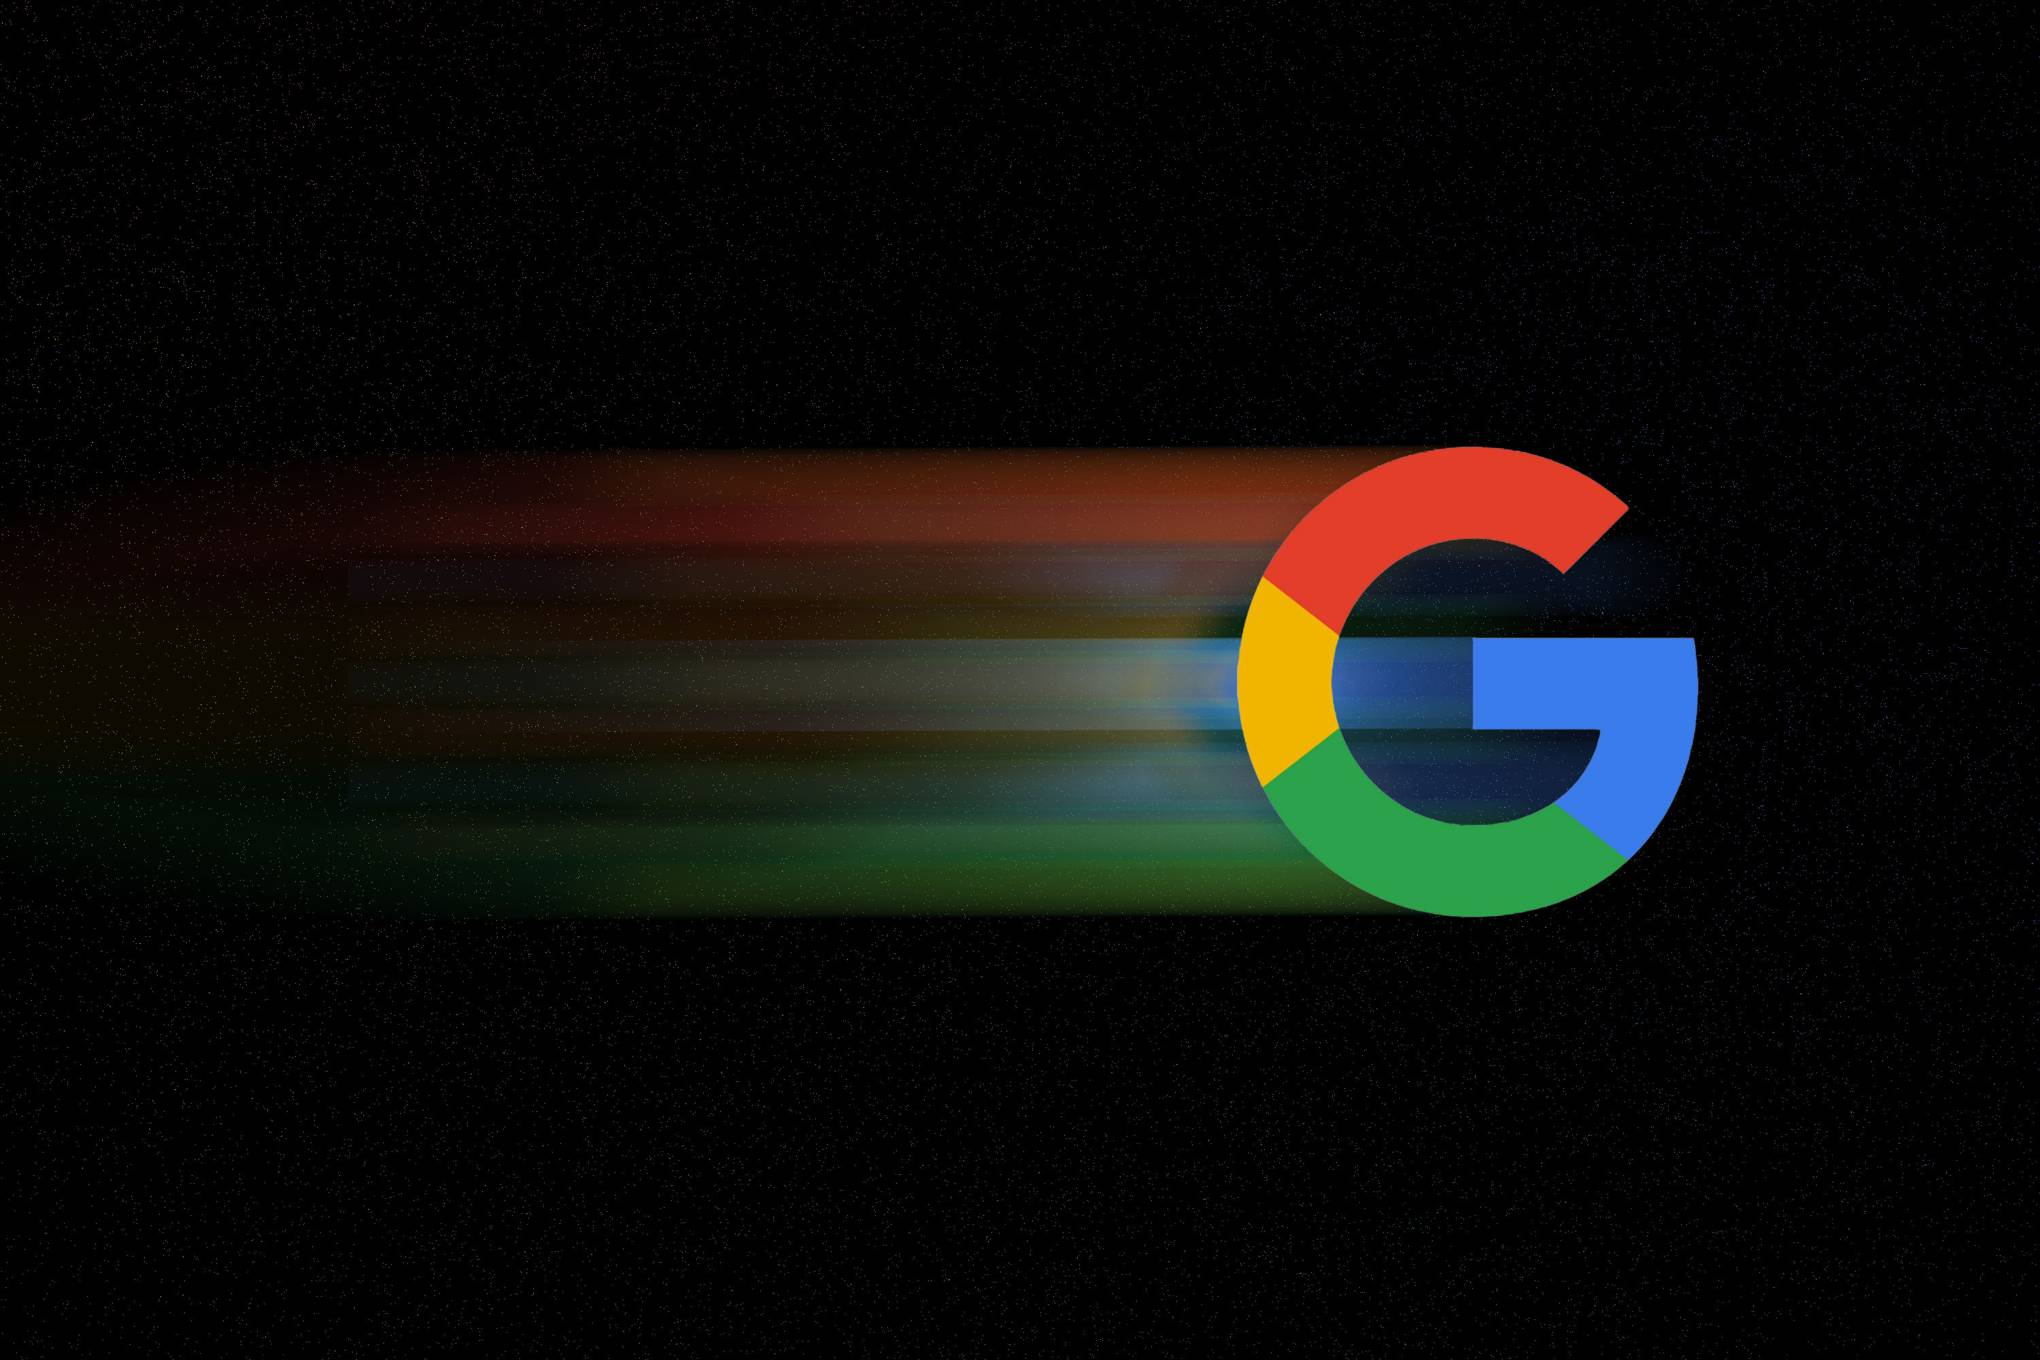 Google's quantum leap